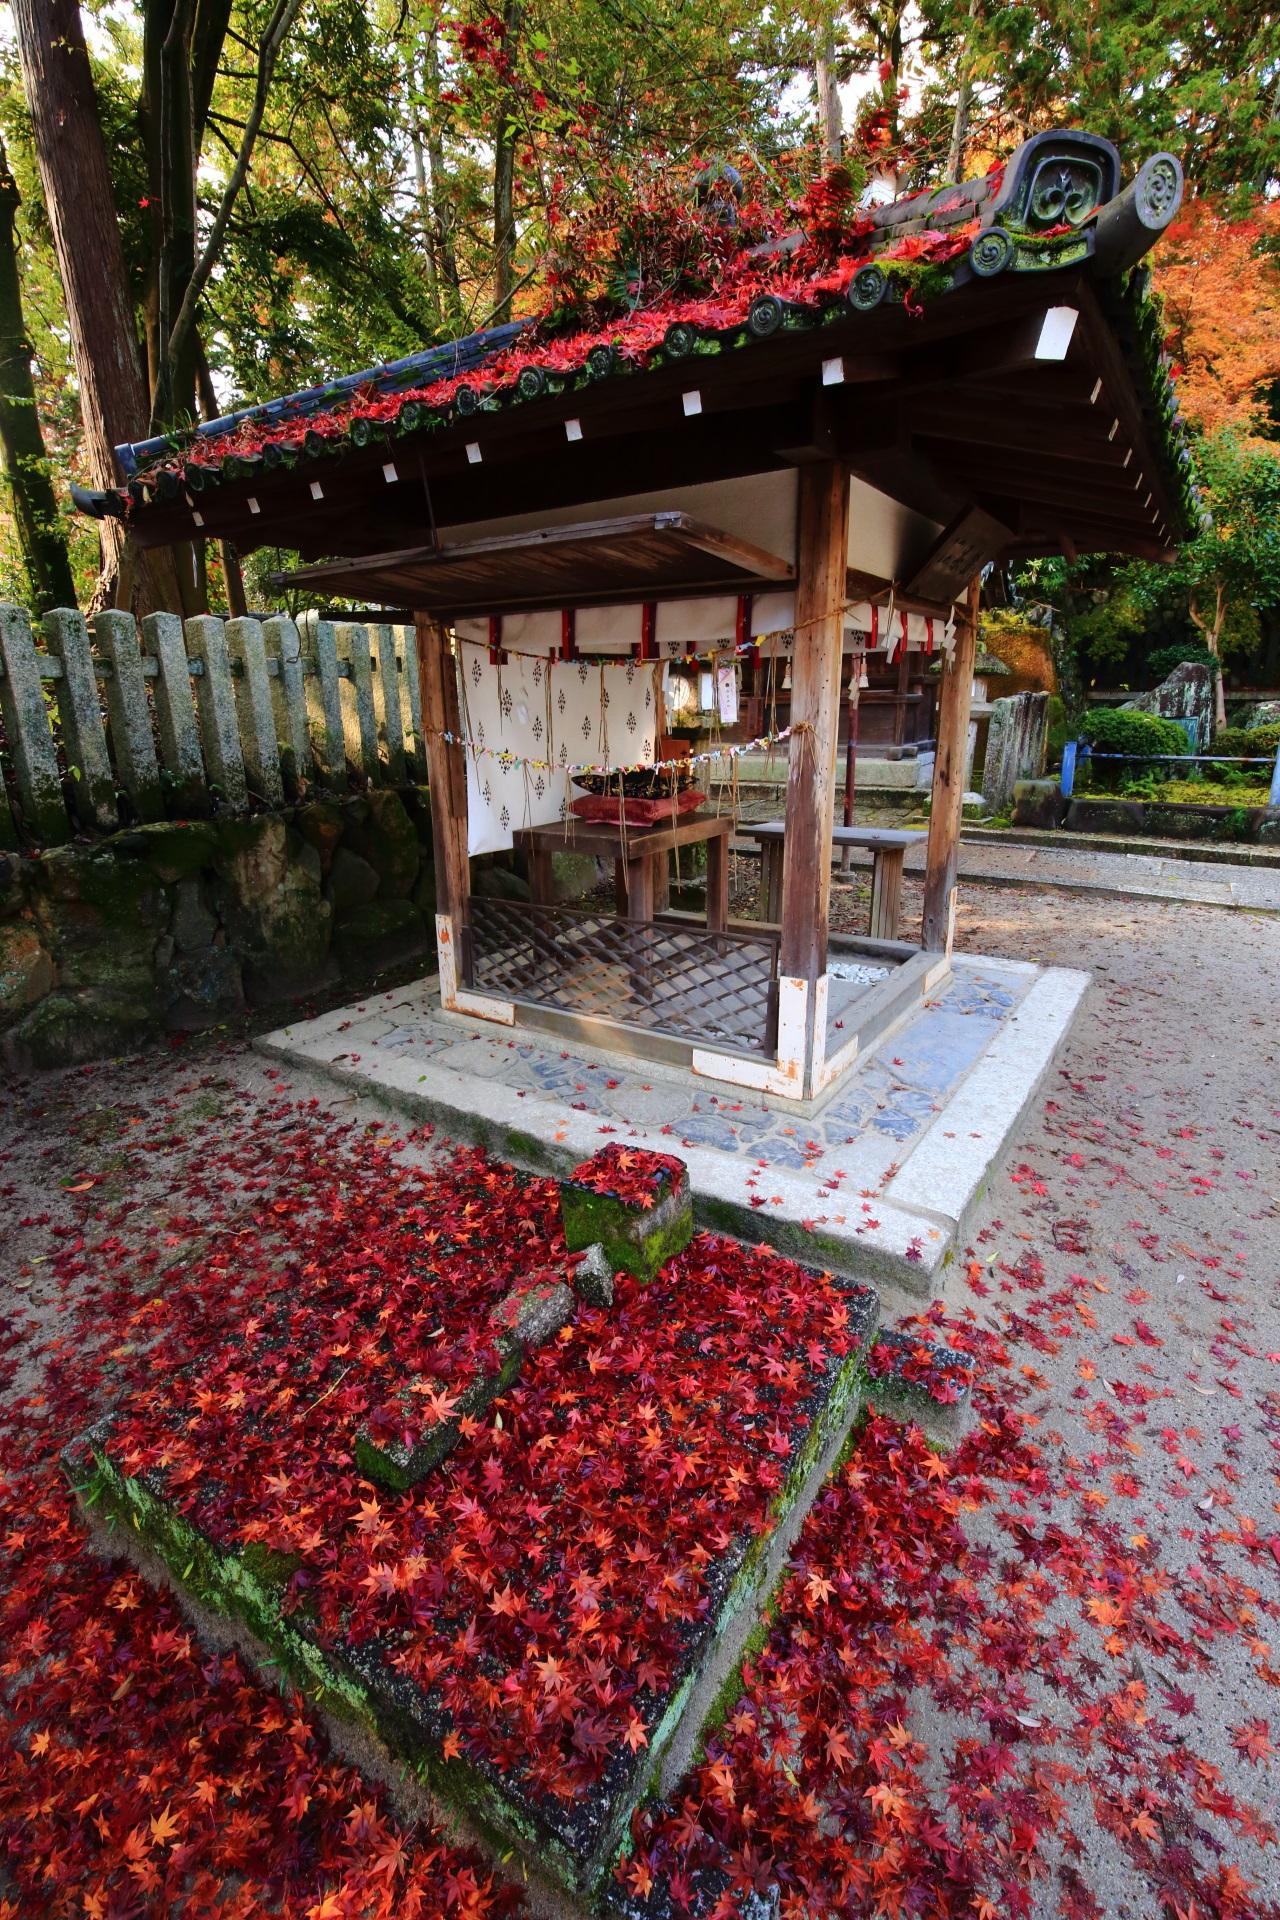 願いの叶う阿呆賢さんと鮮烈な散り紅葉